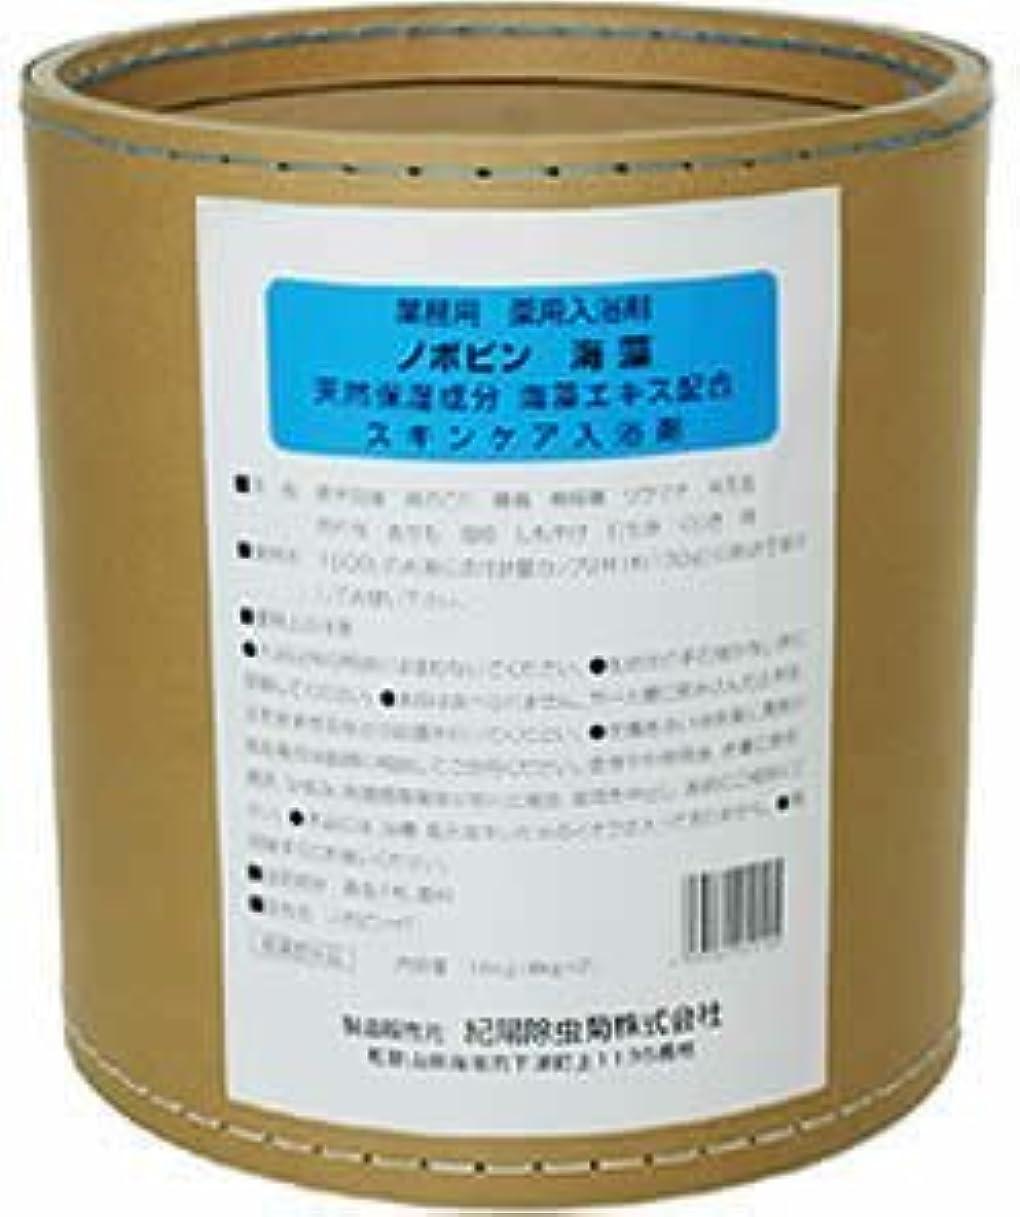 小石個人的な棚業務用 入浴剤 ノボピン 海藻 16kg(8kg*2)